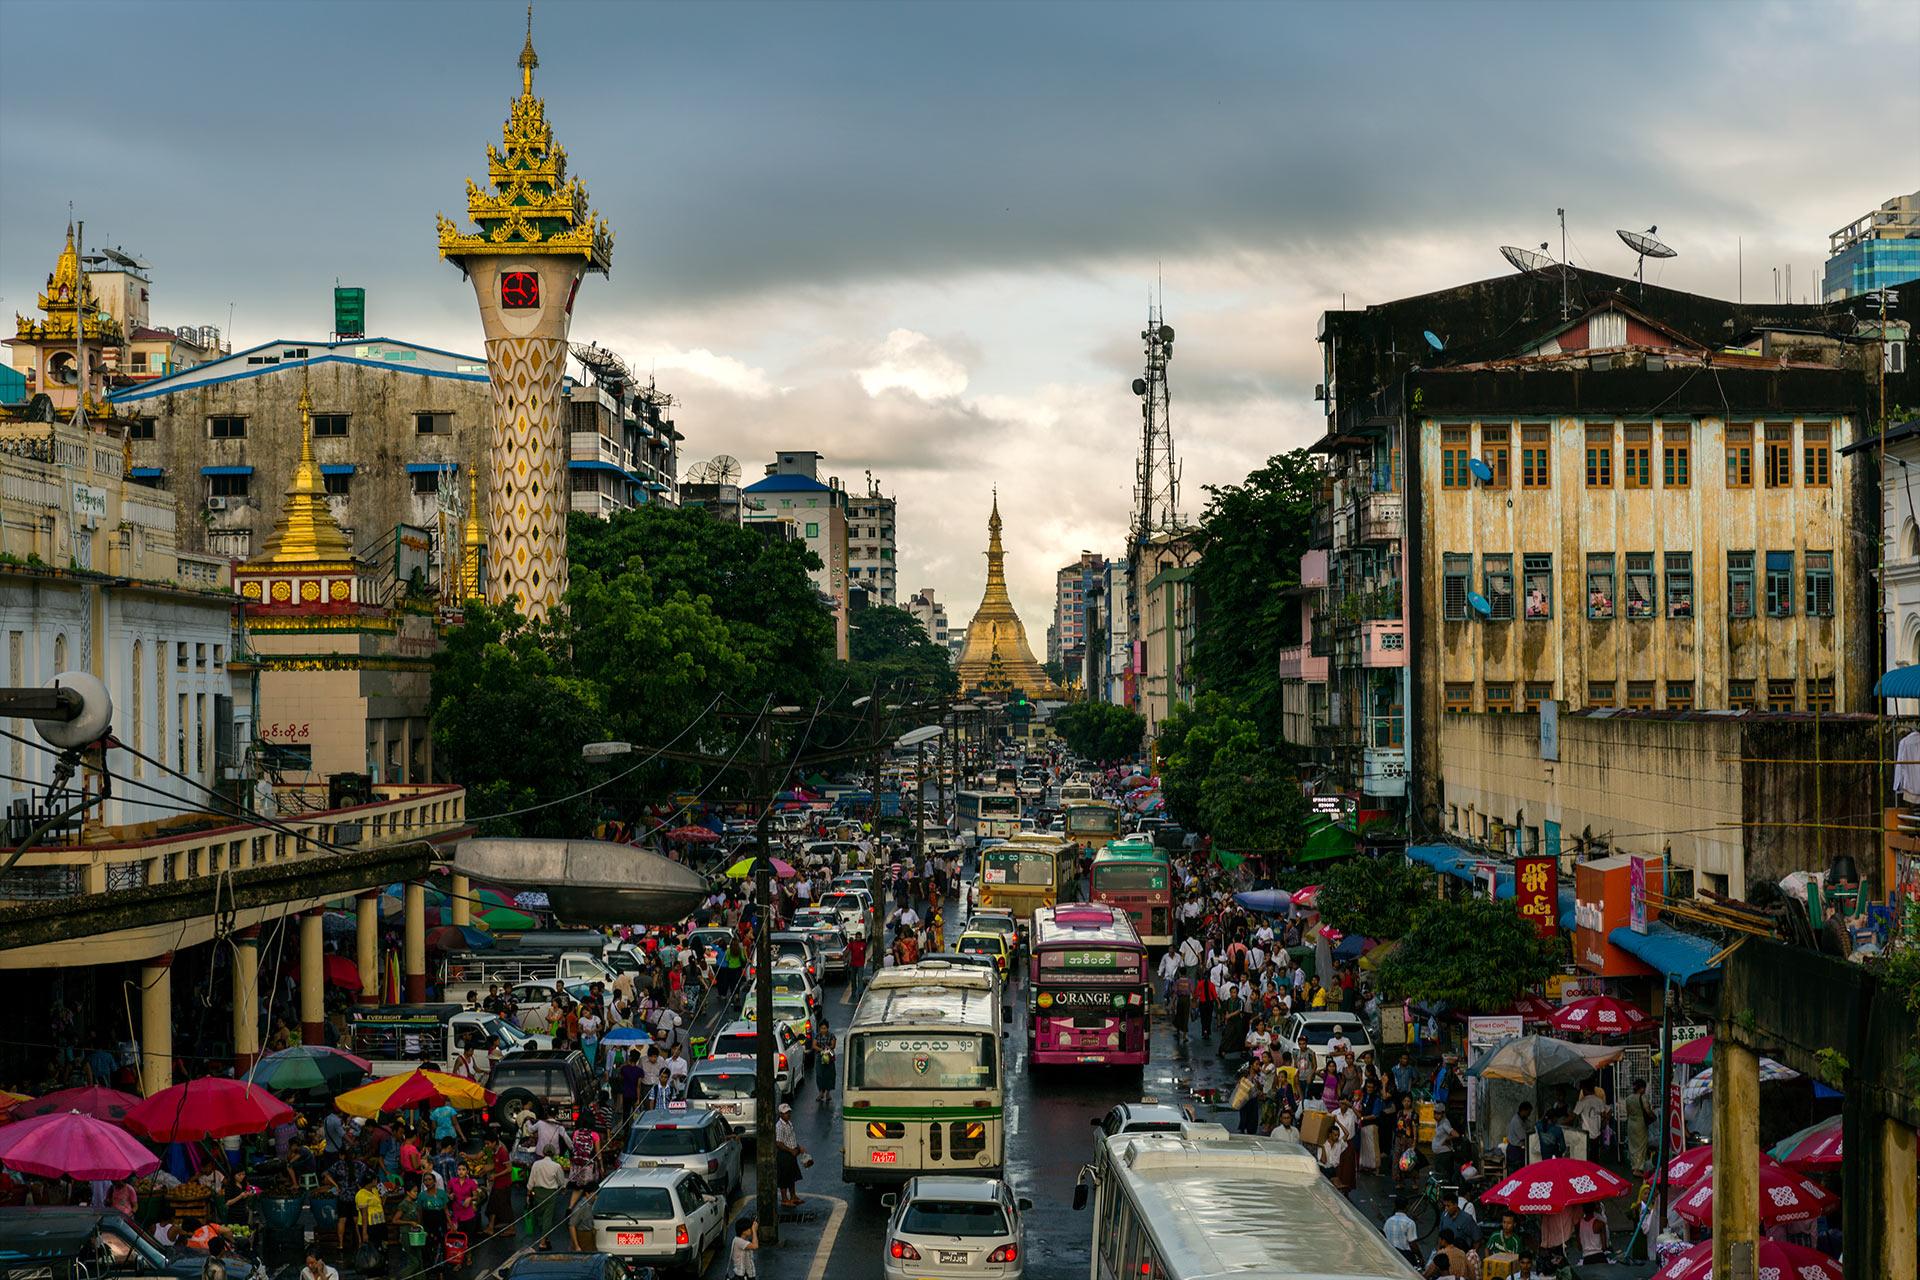 Rush hour in Yangon, Myanmar